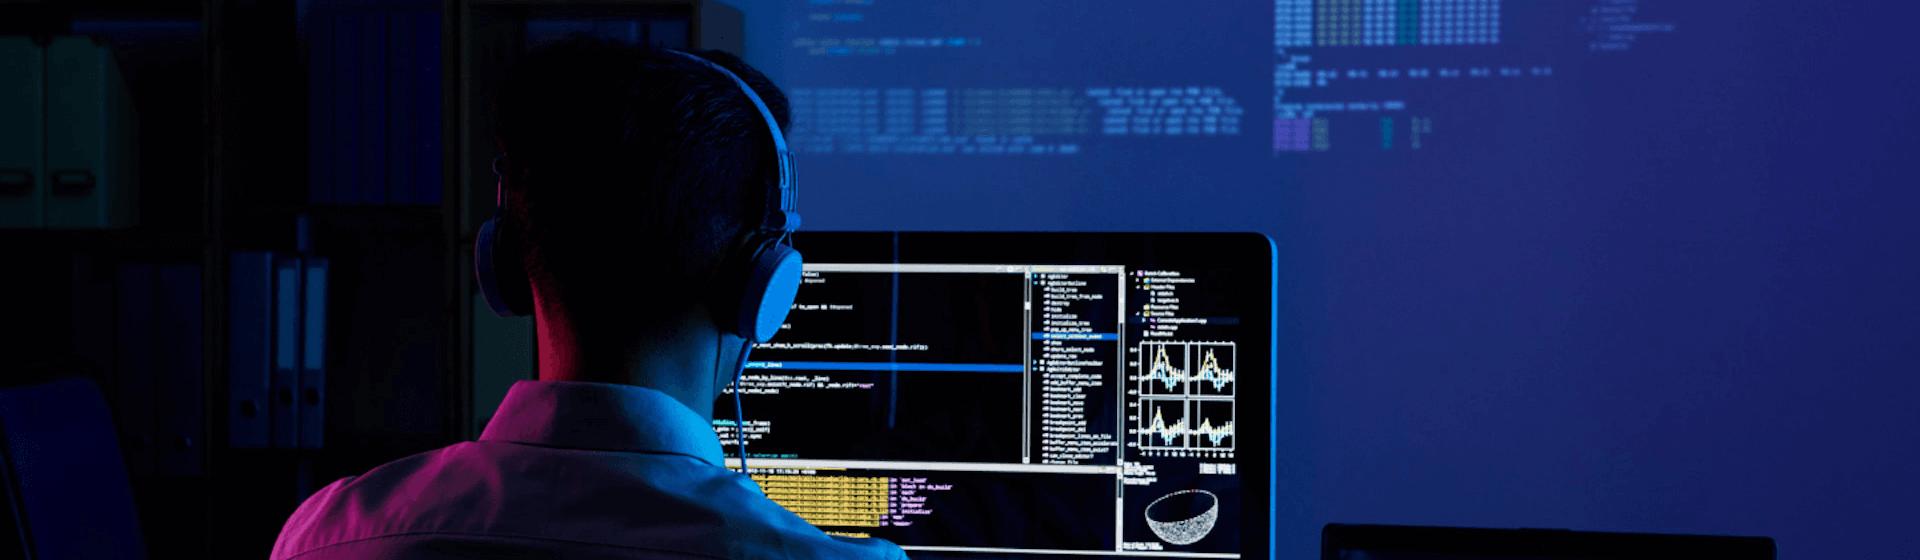 Programador PHP: un maestro inigualable en análisis de código y desarrollo web